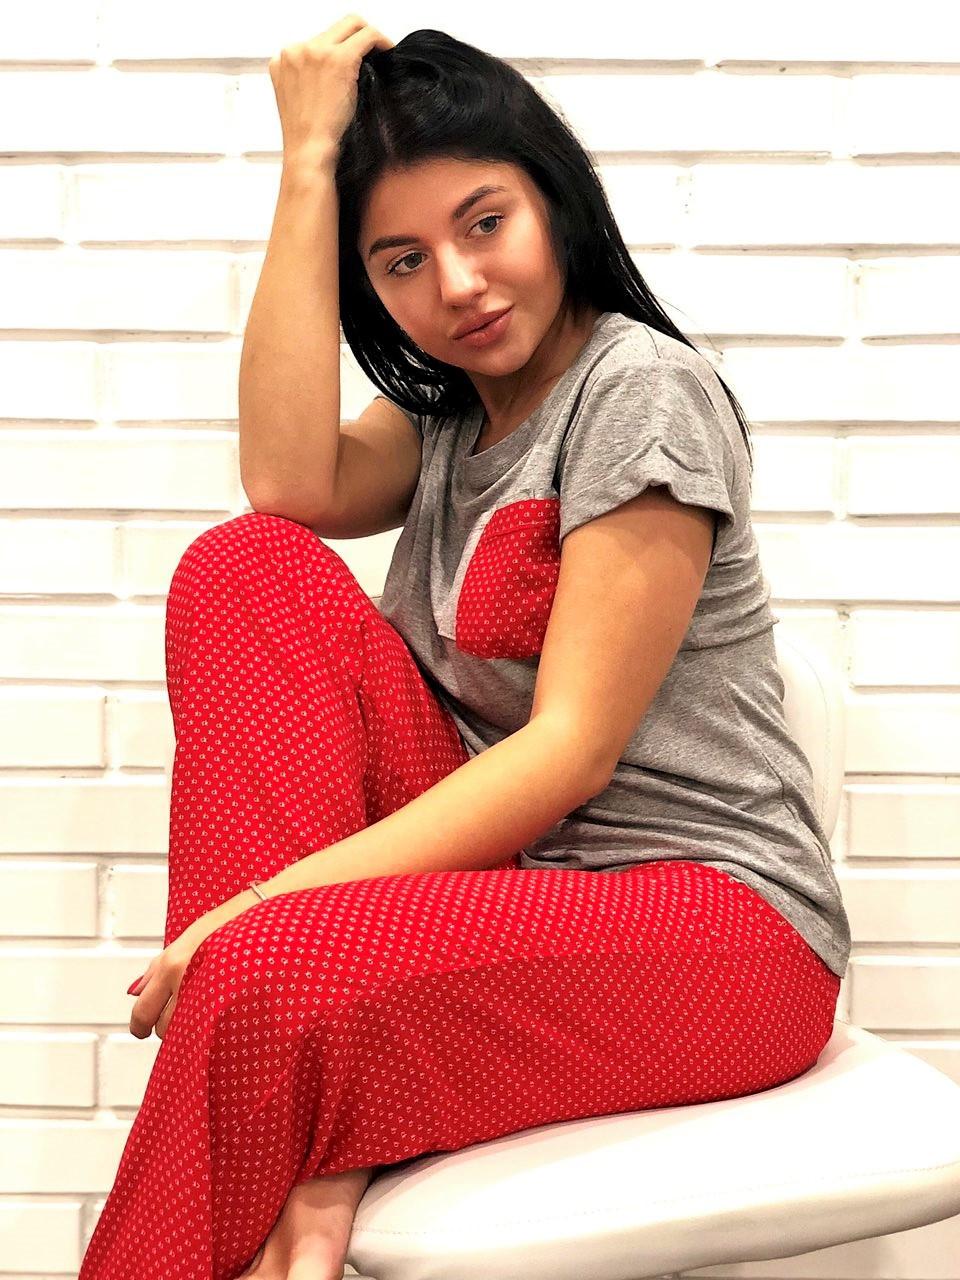 Вискозная серая футболка с коротким рукавом и красные штаны